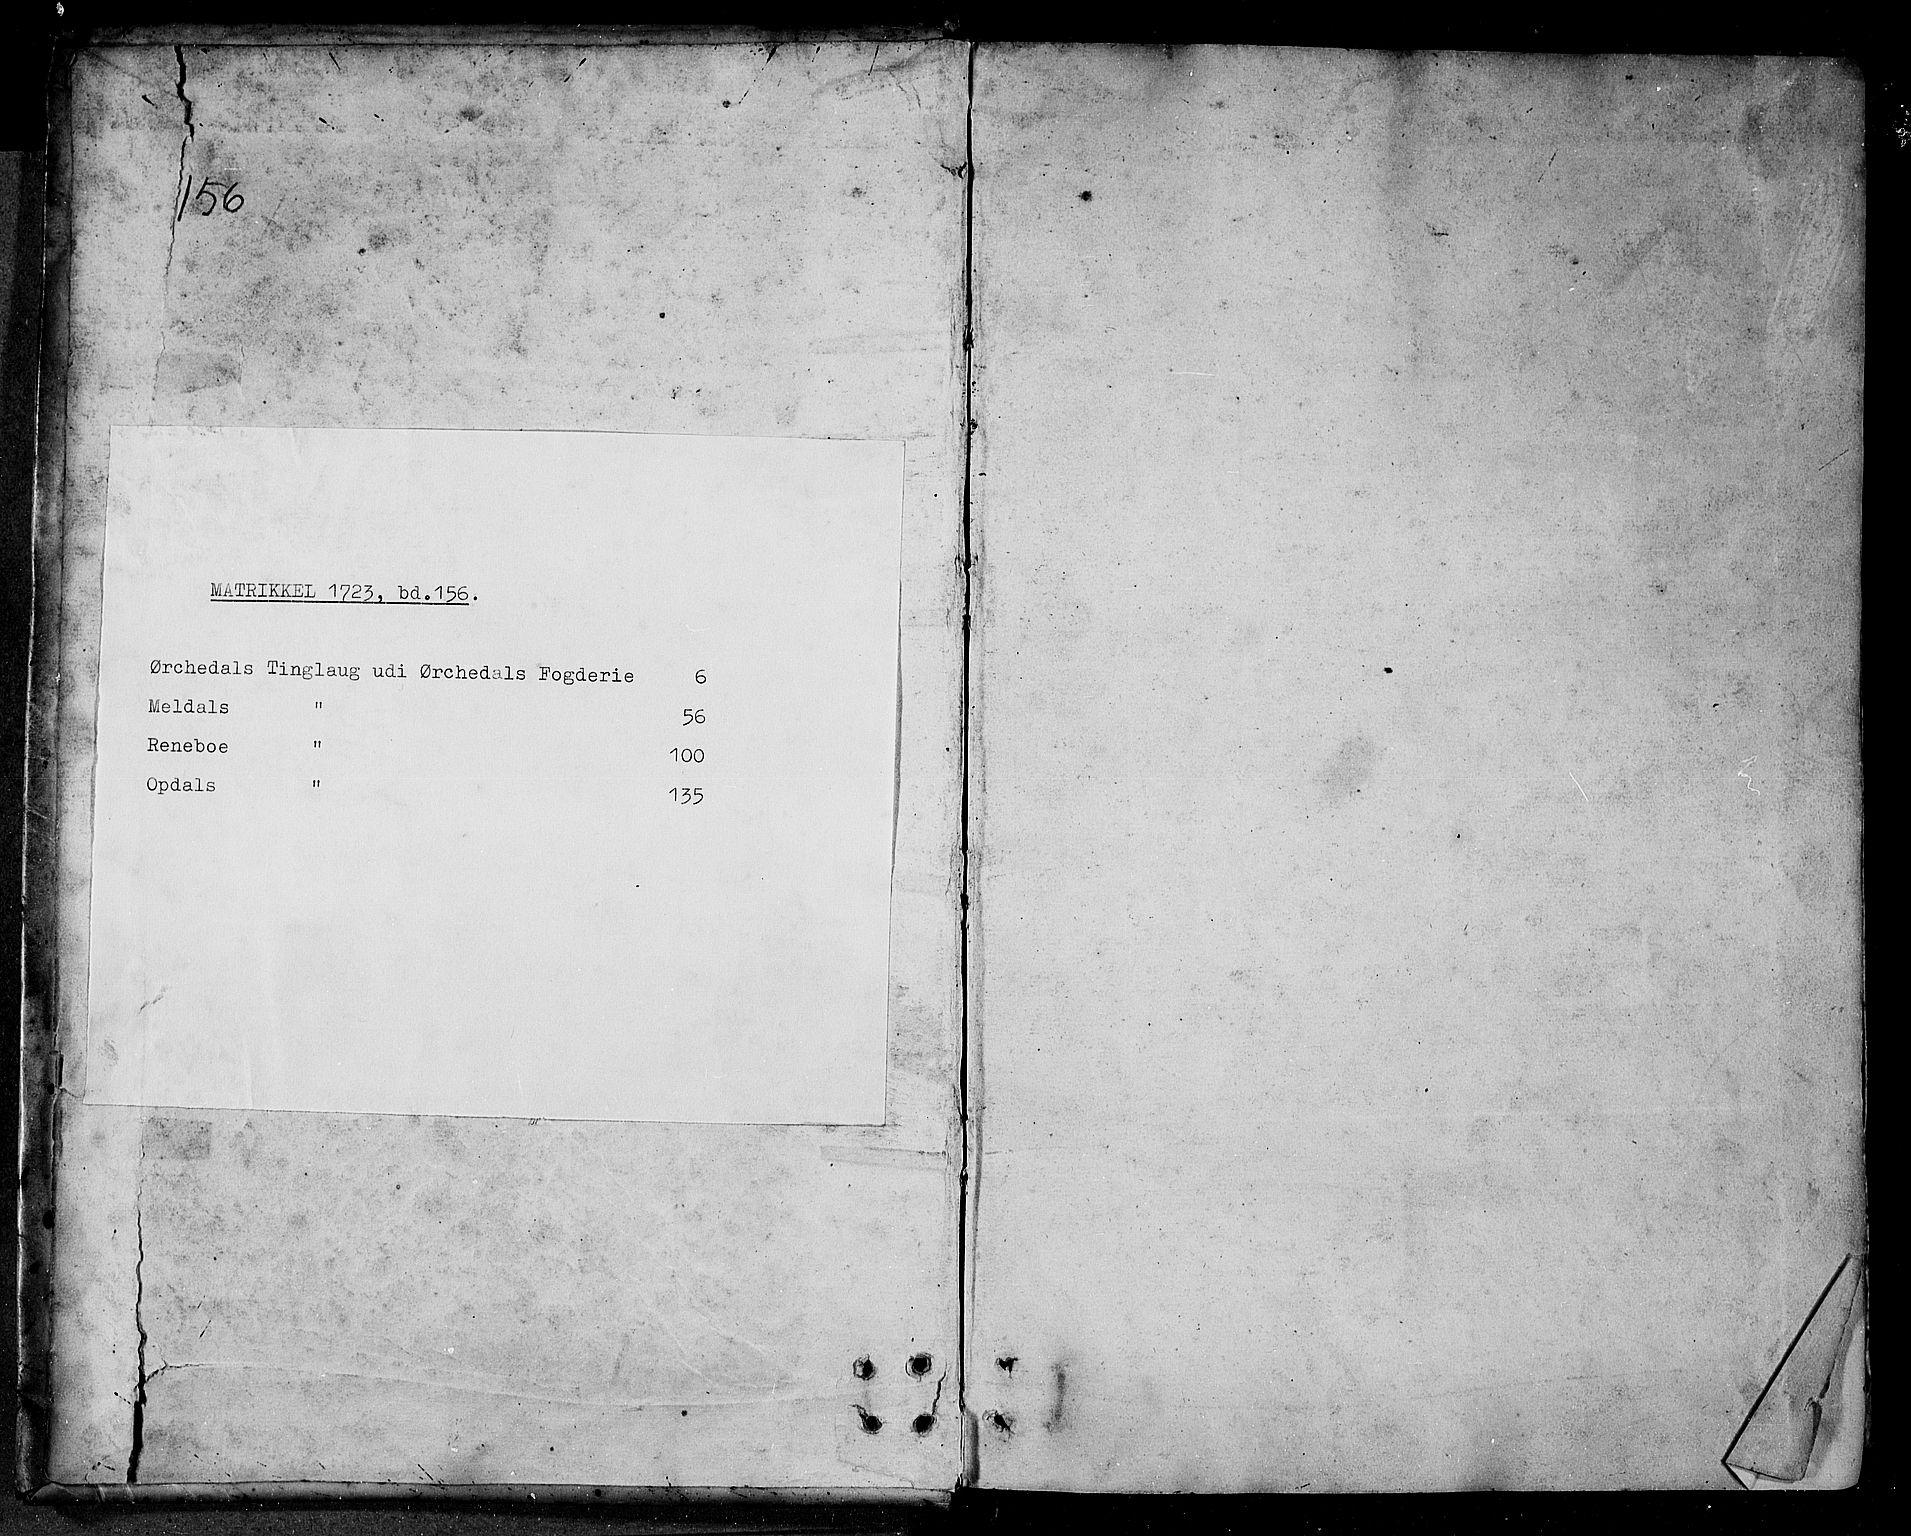 RA, Rentekammeret inntil 1814, Realistisk ordnet avdeling, N/Nb/Nbf/L0156: Orkdal eksaminasjonsprotokoll, 1723, s. upaginert